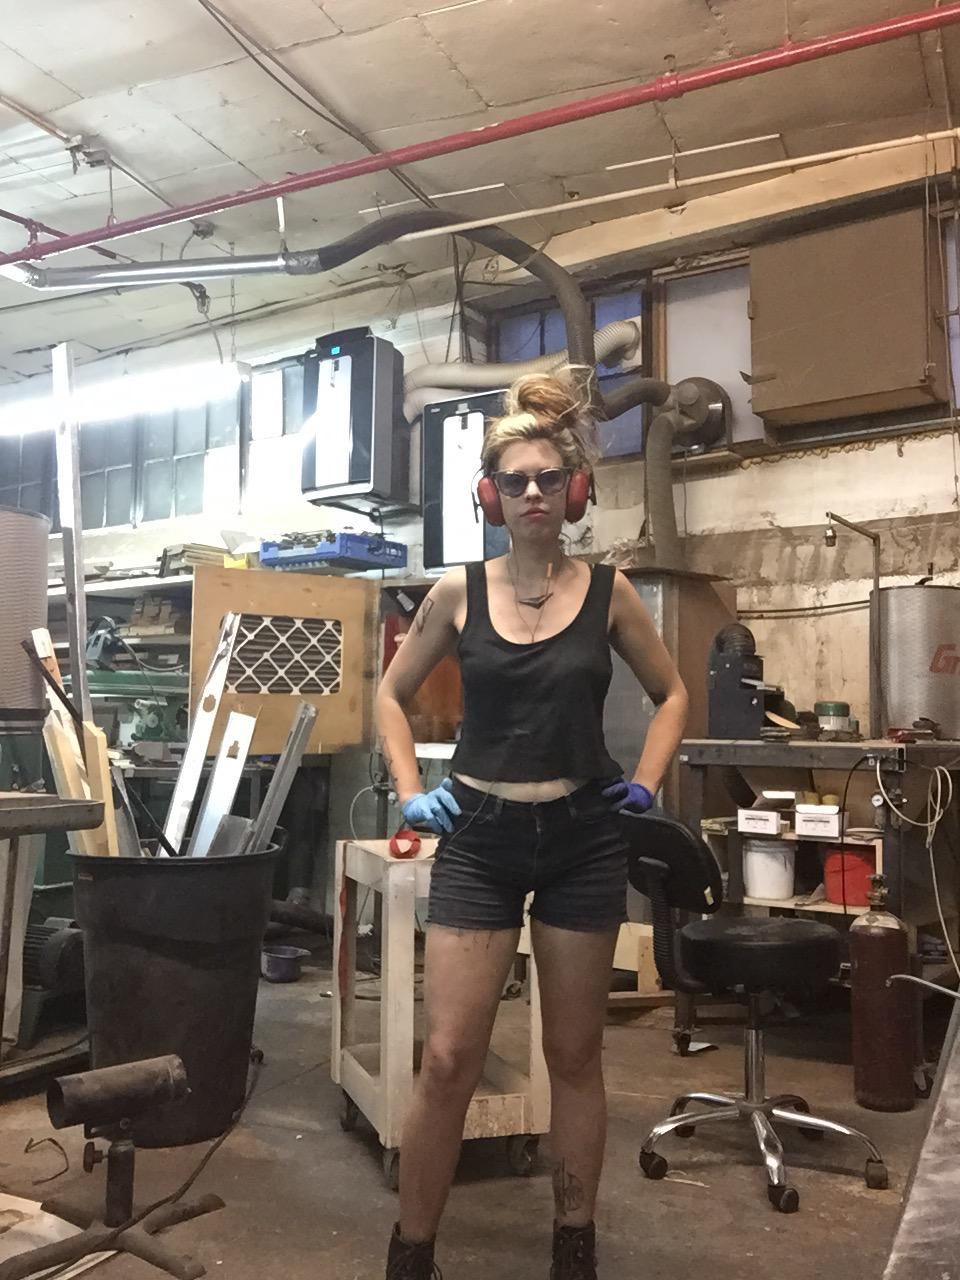 hot summer welding